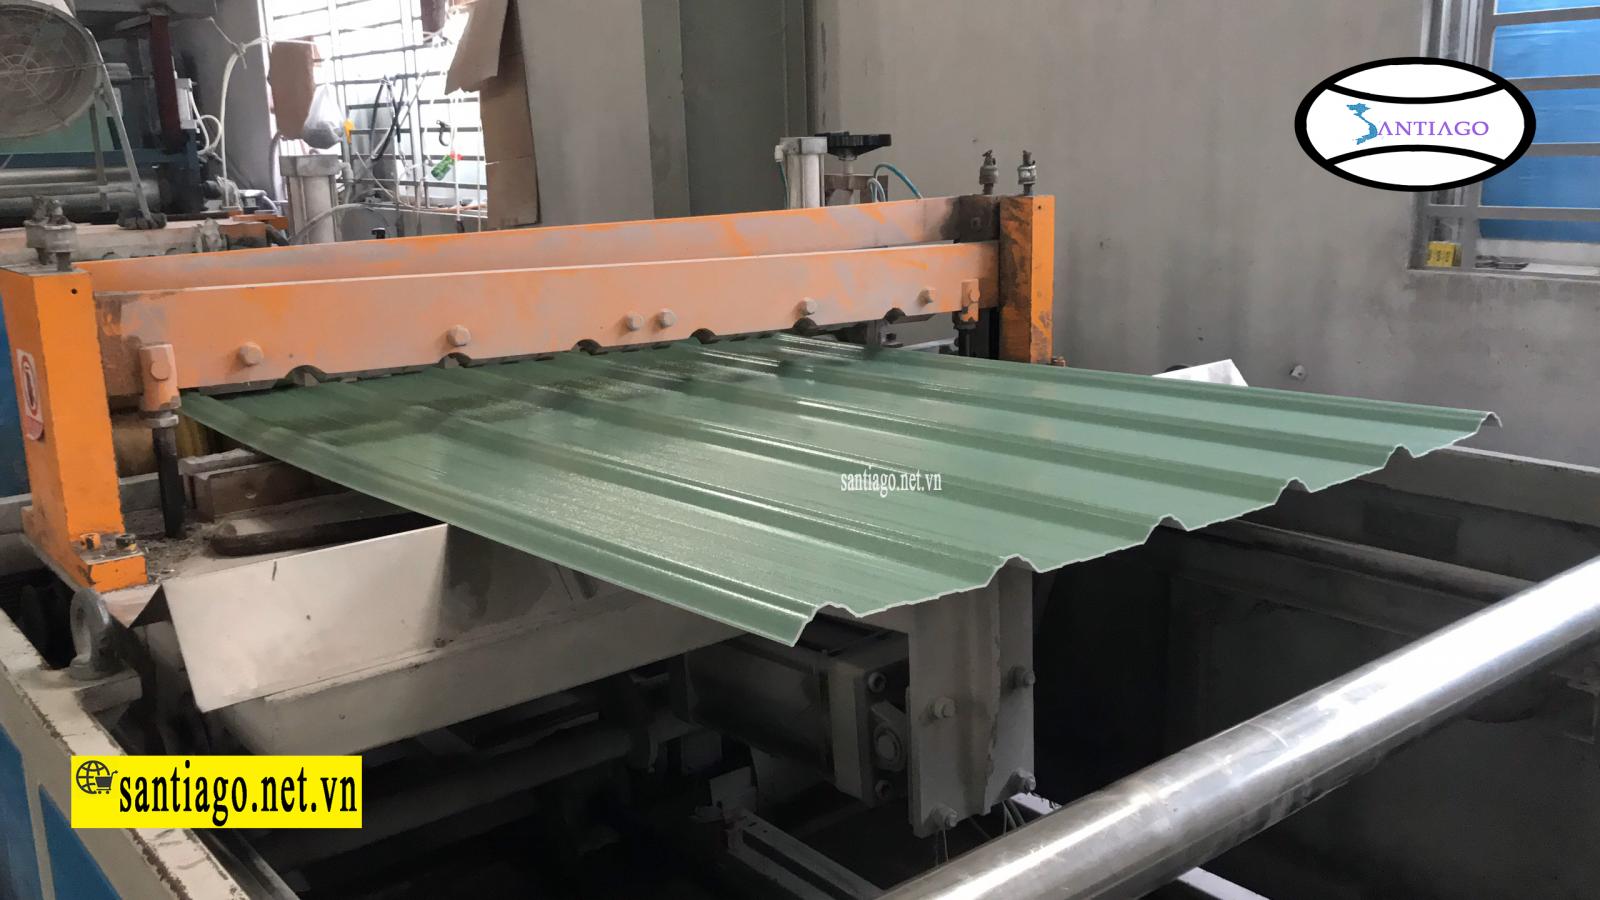 sản xuất tôn nhựa pvc